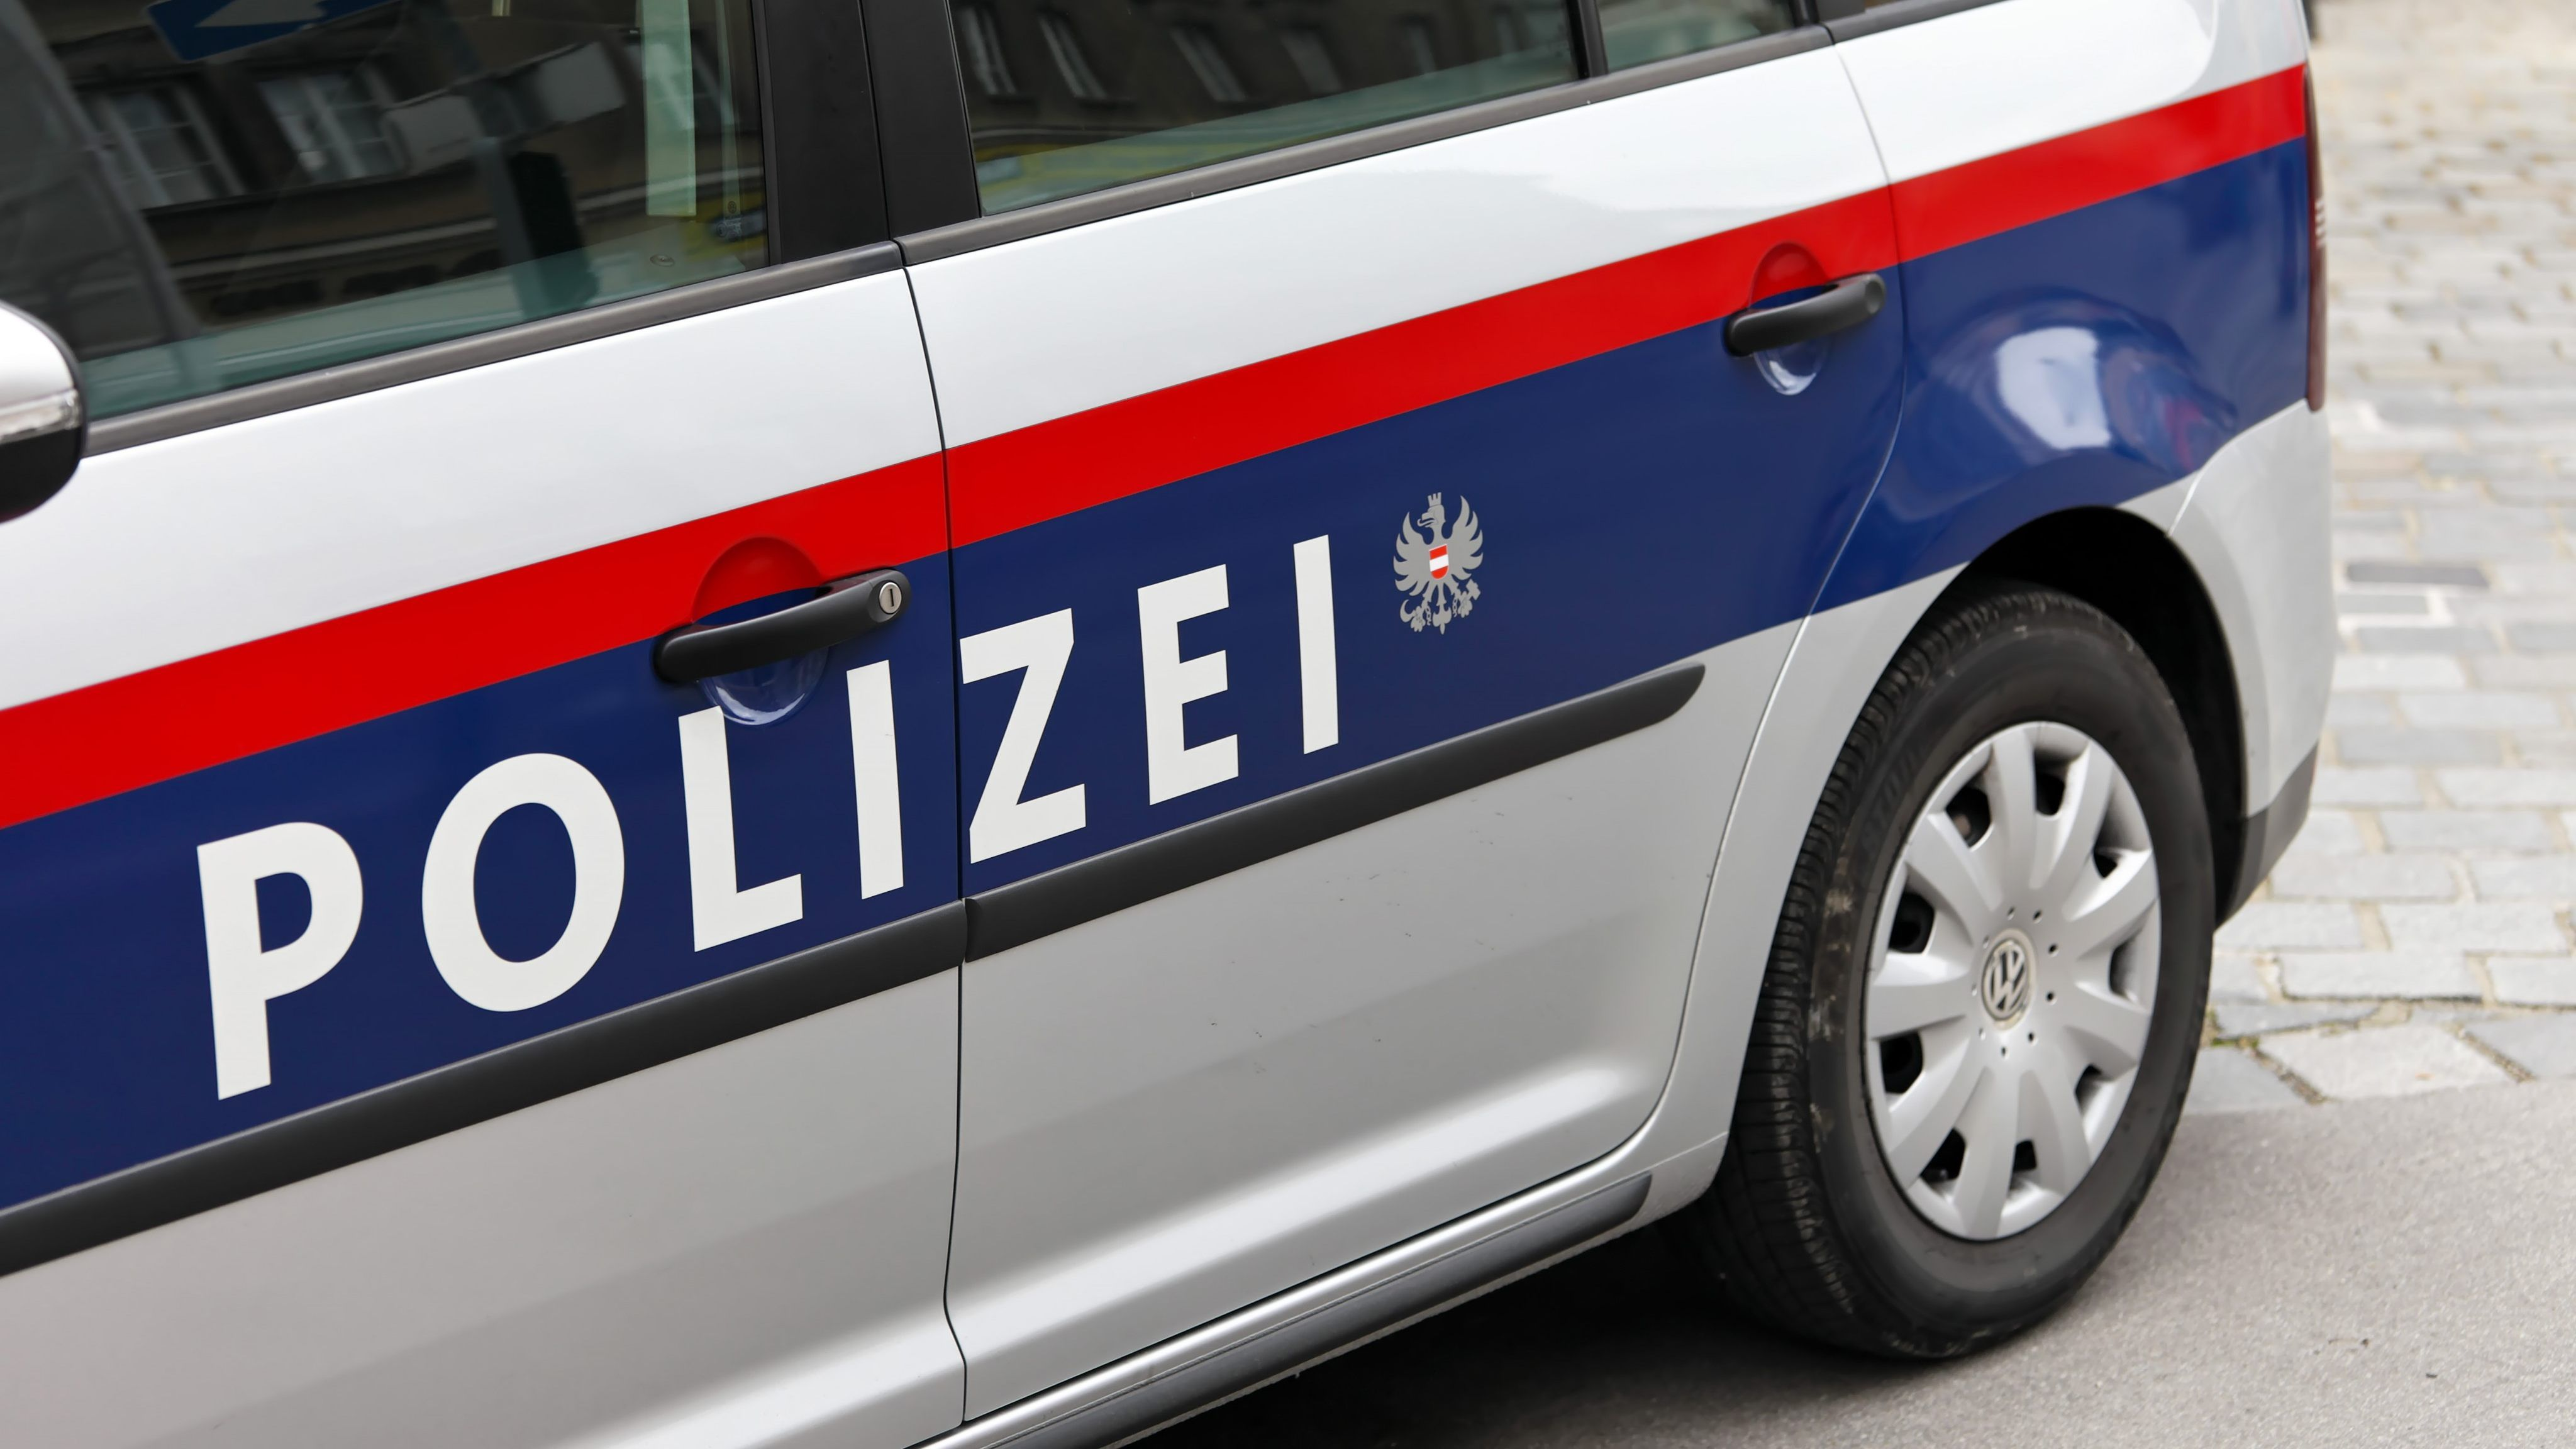 Gefälschte Zeugnisse Betrüger Ergaunerte Mehr Als 125000 Euro